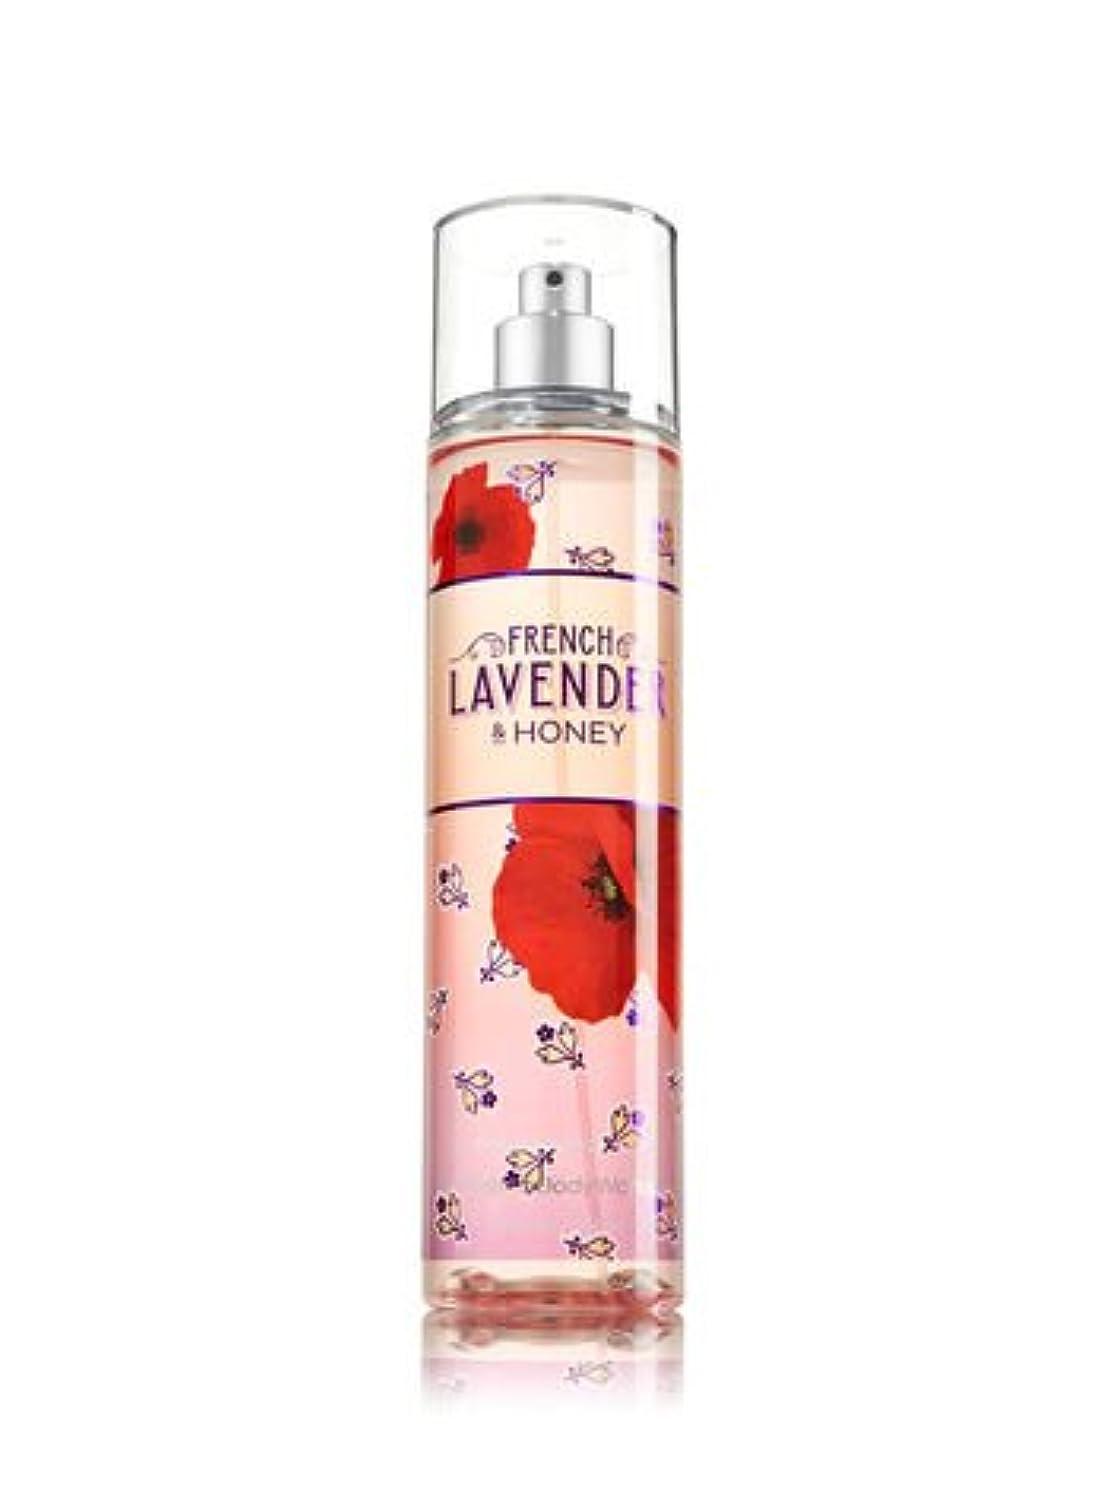 債務者市の中心部繊維【Bath&Body Works/バス&ボディワークス】 ファインフレグランスミスト フレンチラベンダー&ハニー Fine Fragrance Mist French Lavender & Honey 8oz (236ml) [並行輸入品]